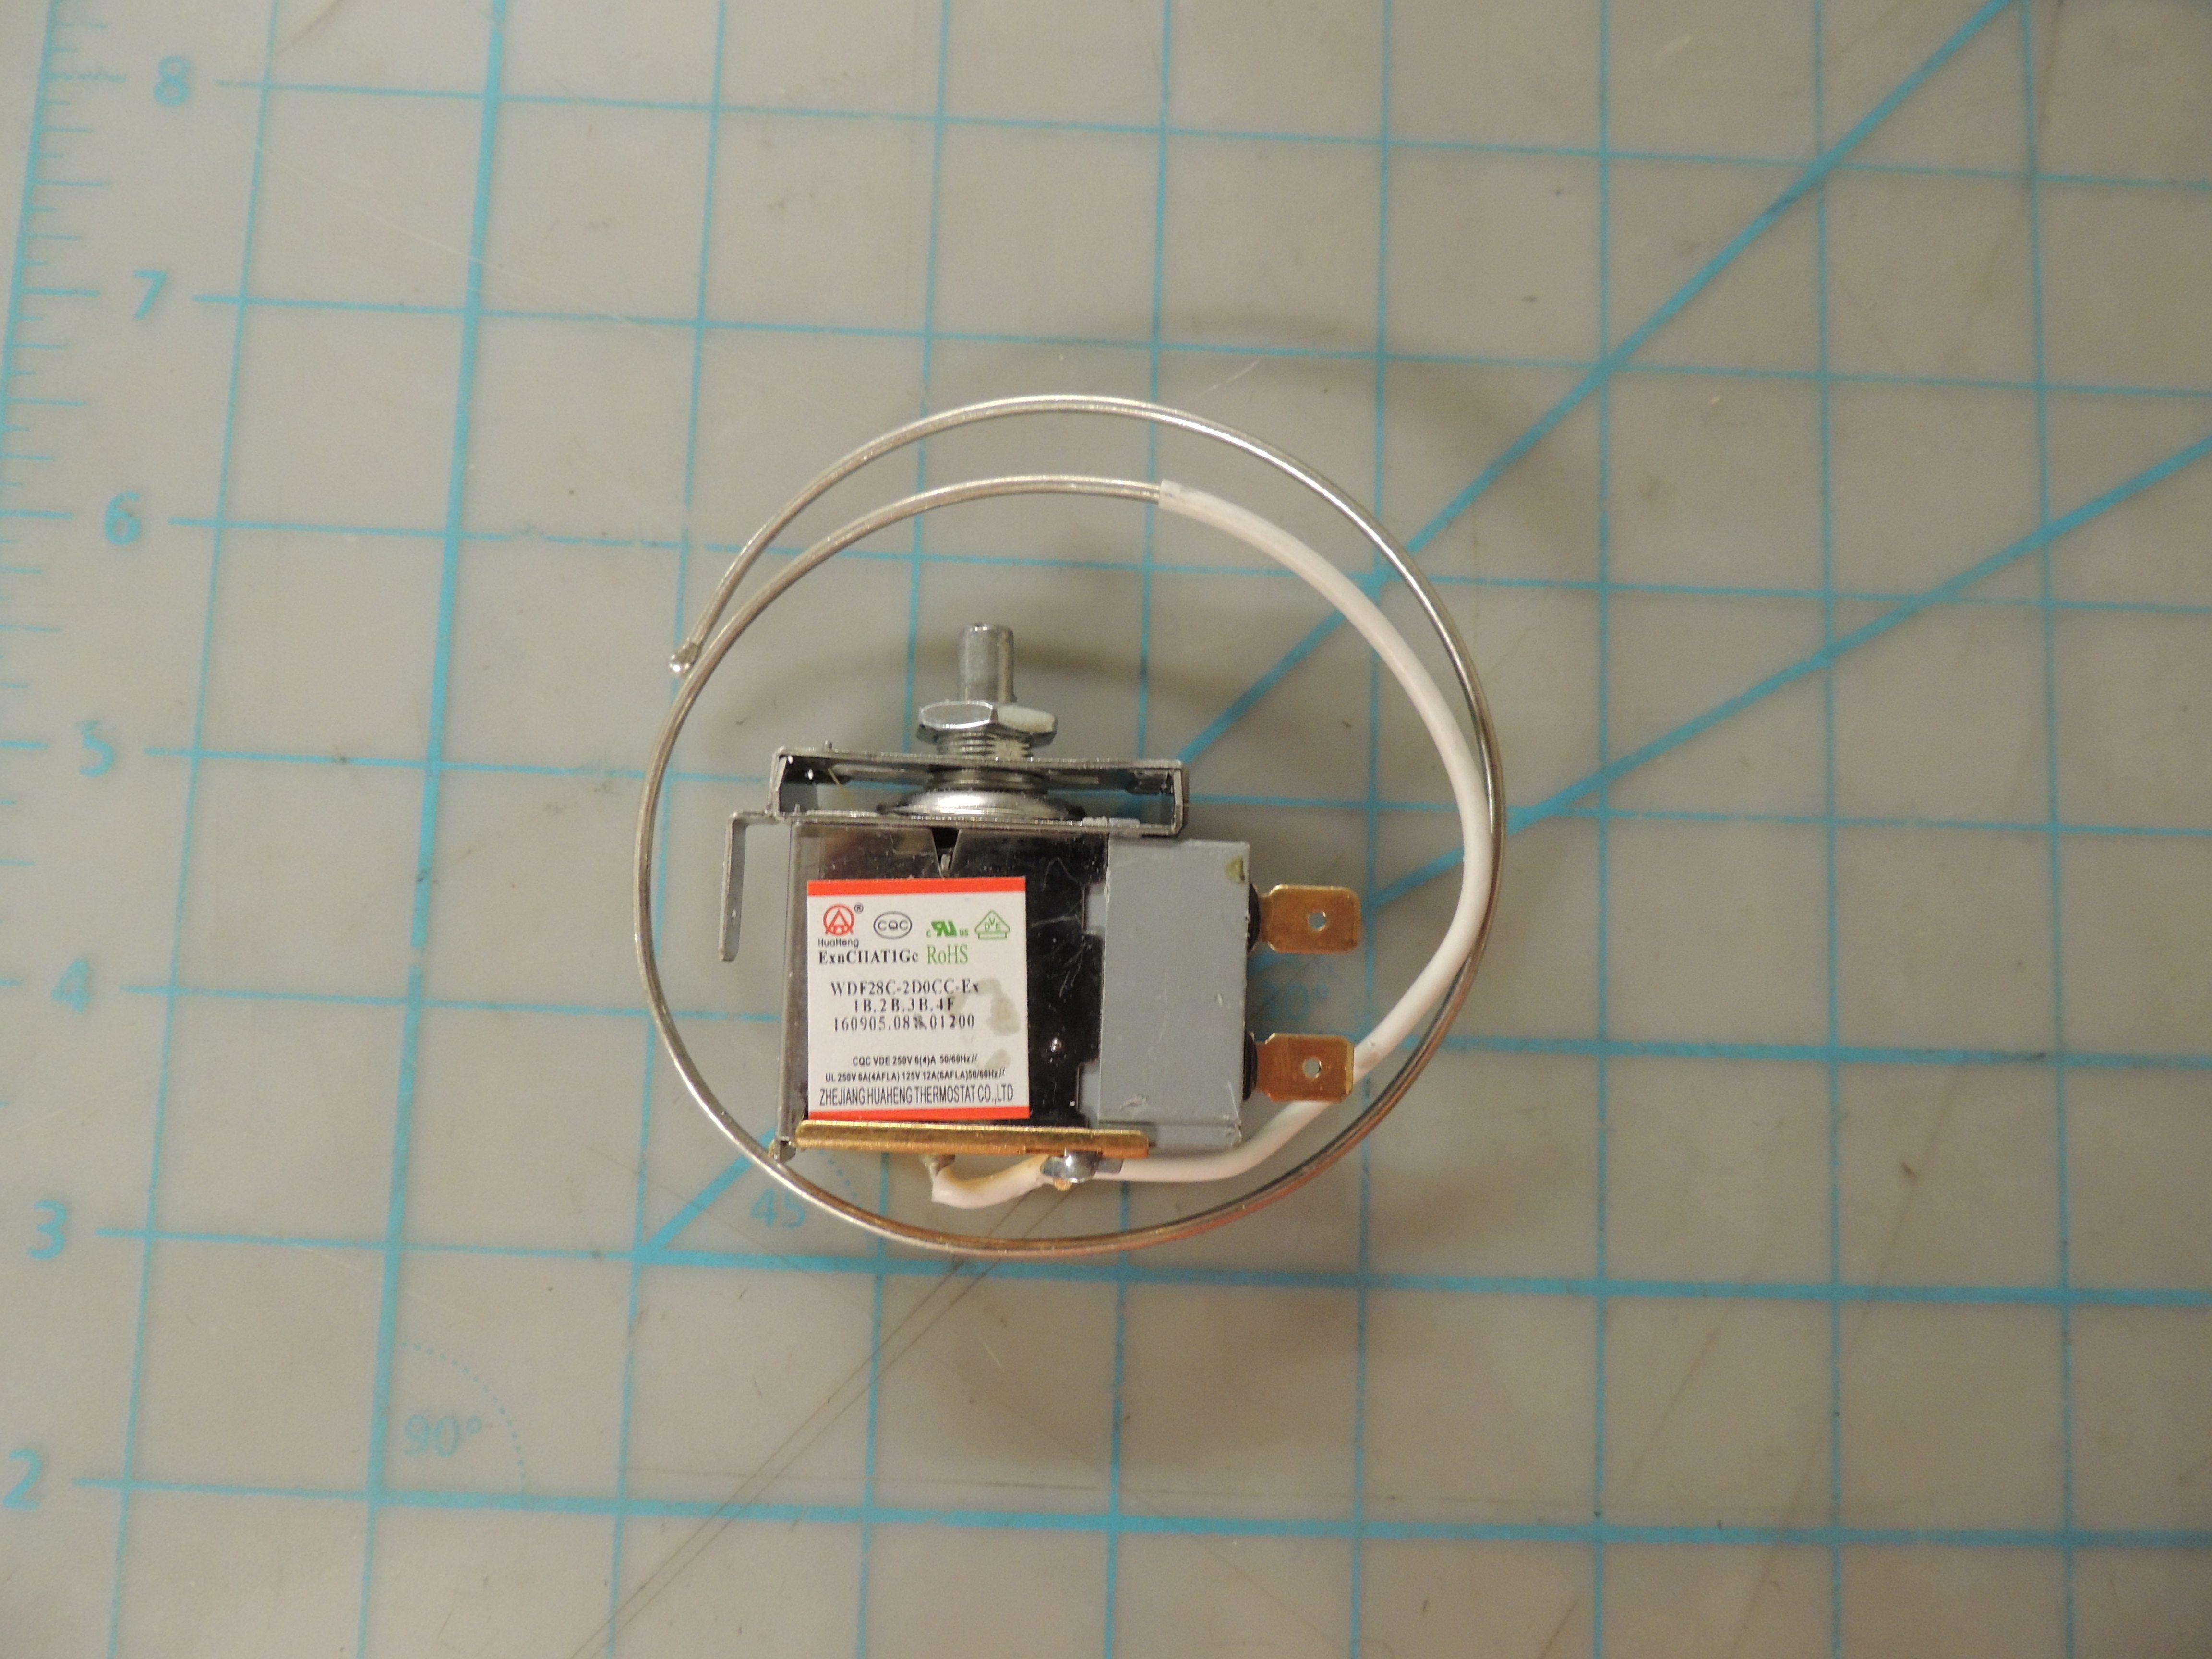 Thermostat assembly